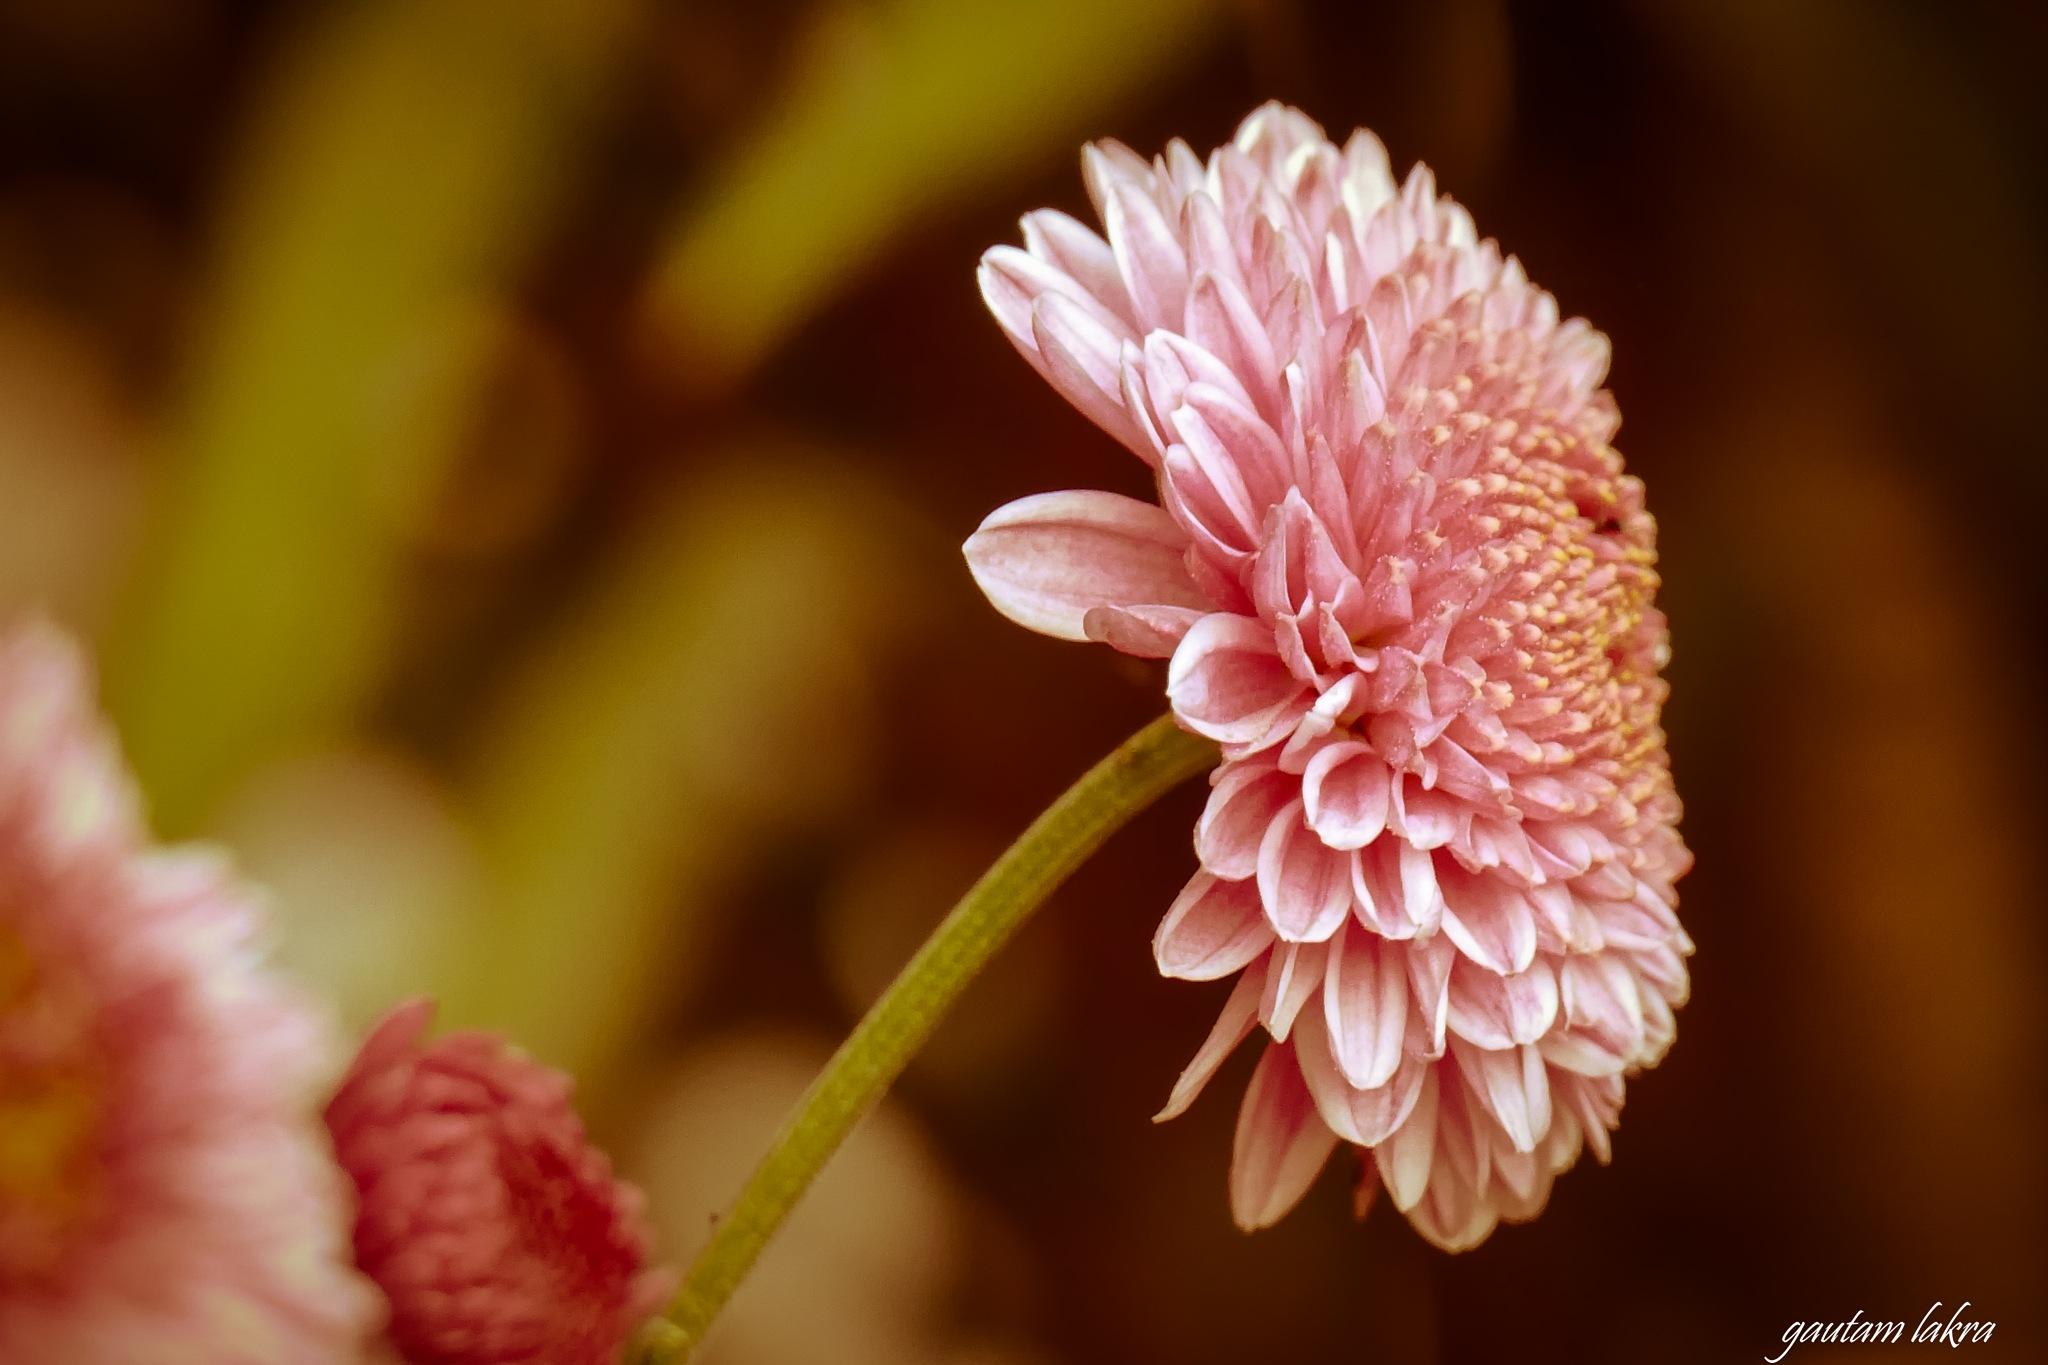 In bloom  by gautamlakra